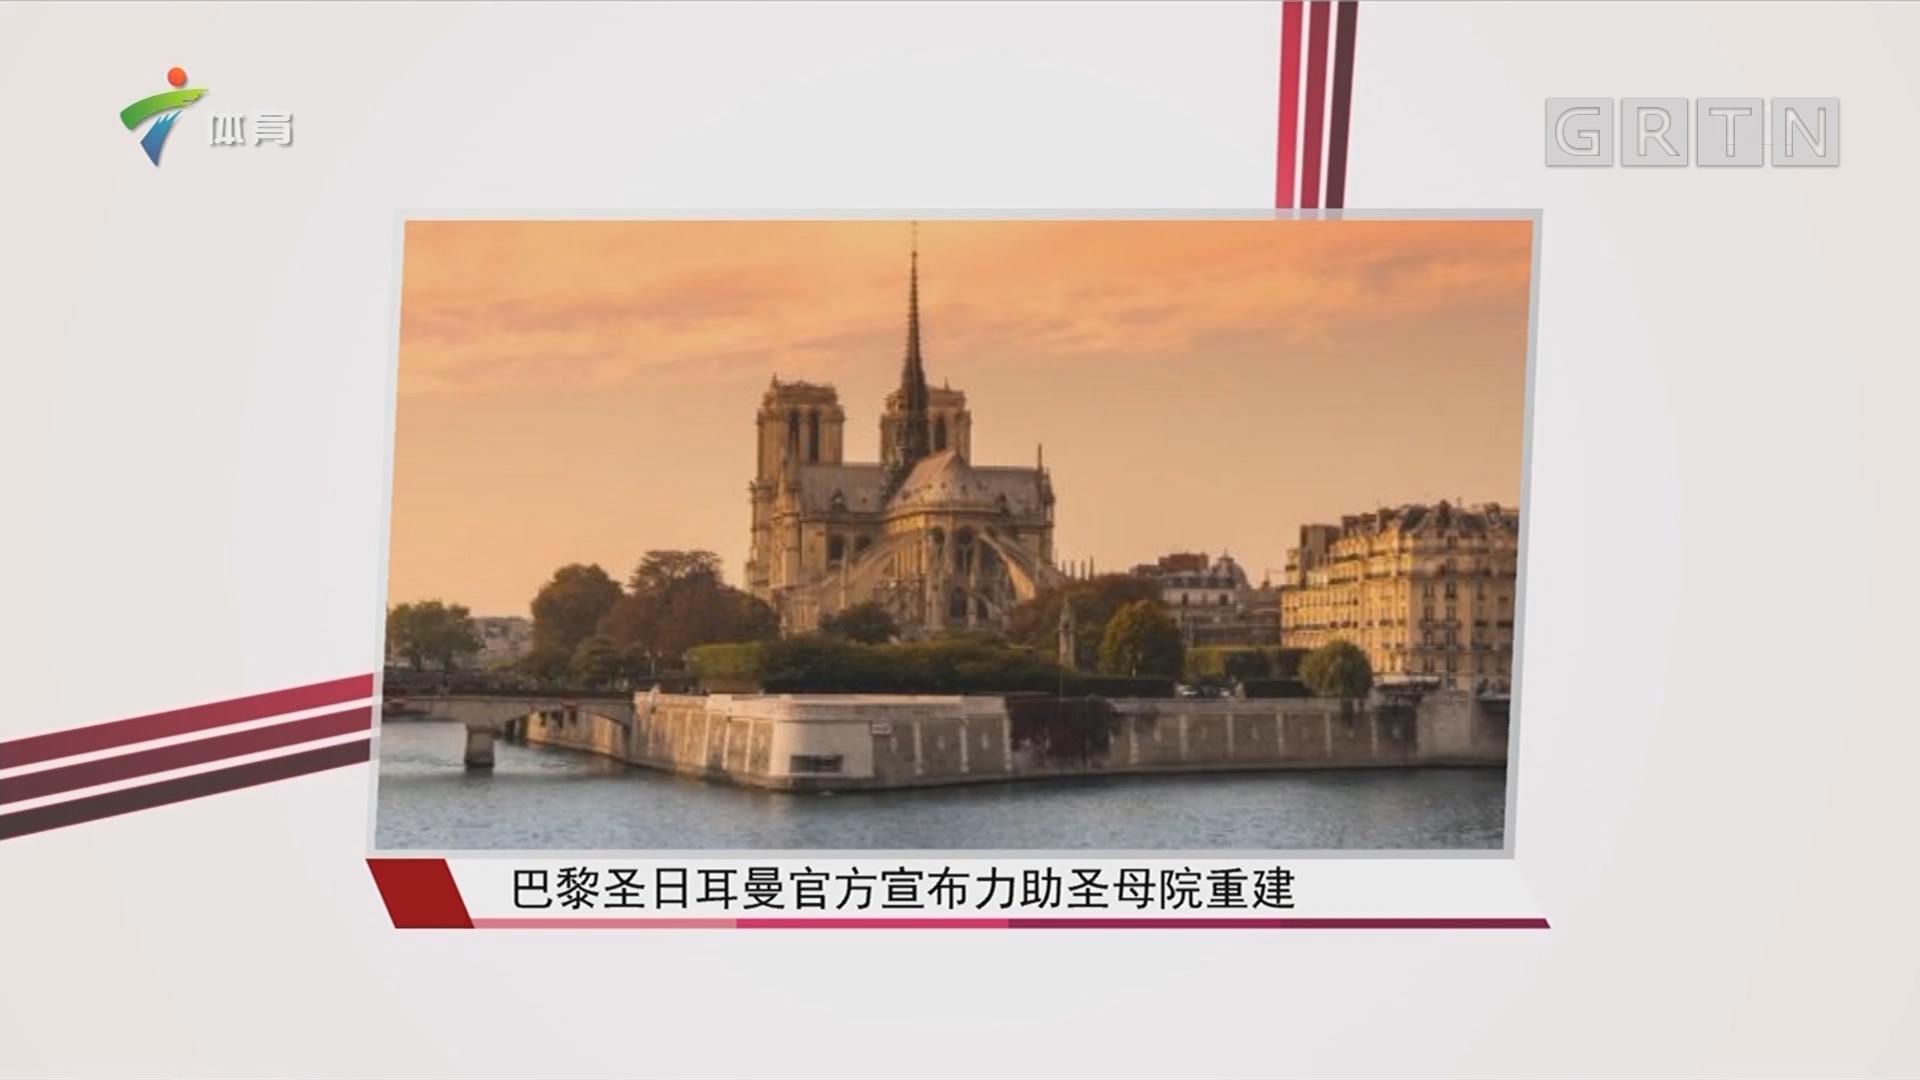 巴黎圣日耳曼官方宣布力助圣母院重建